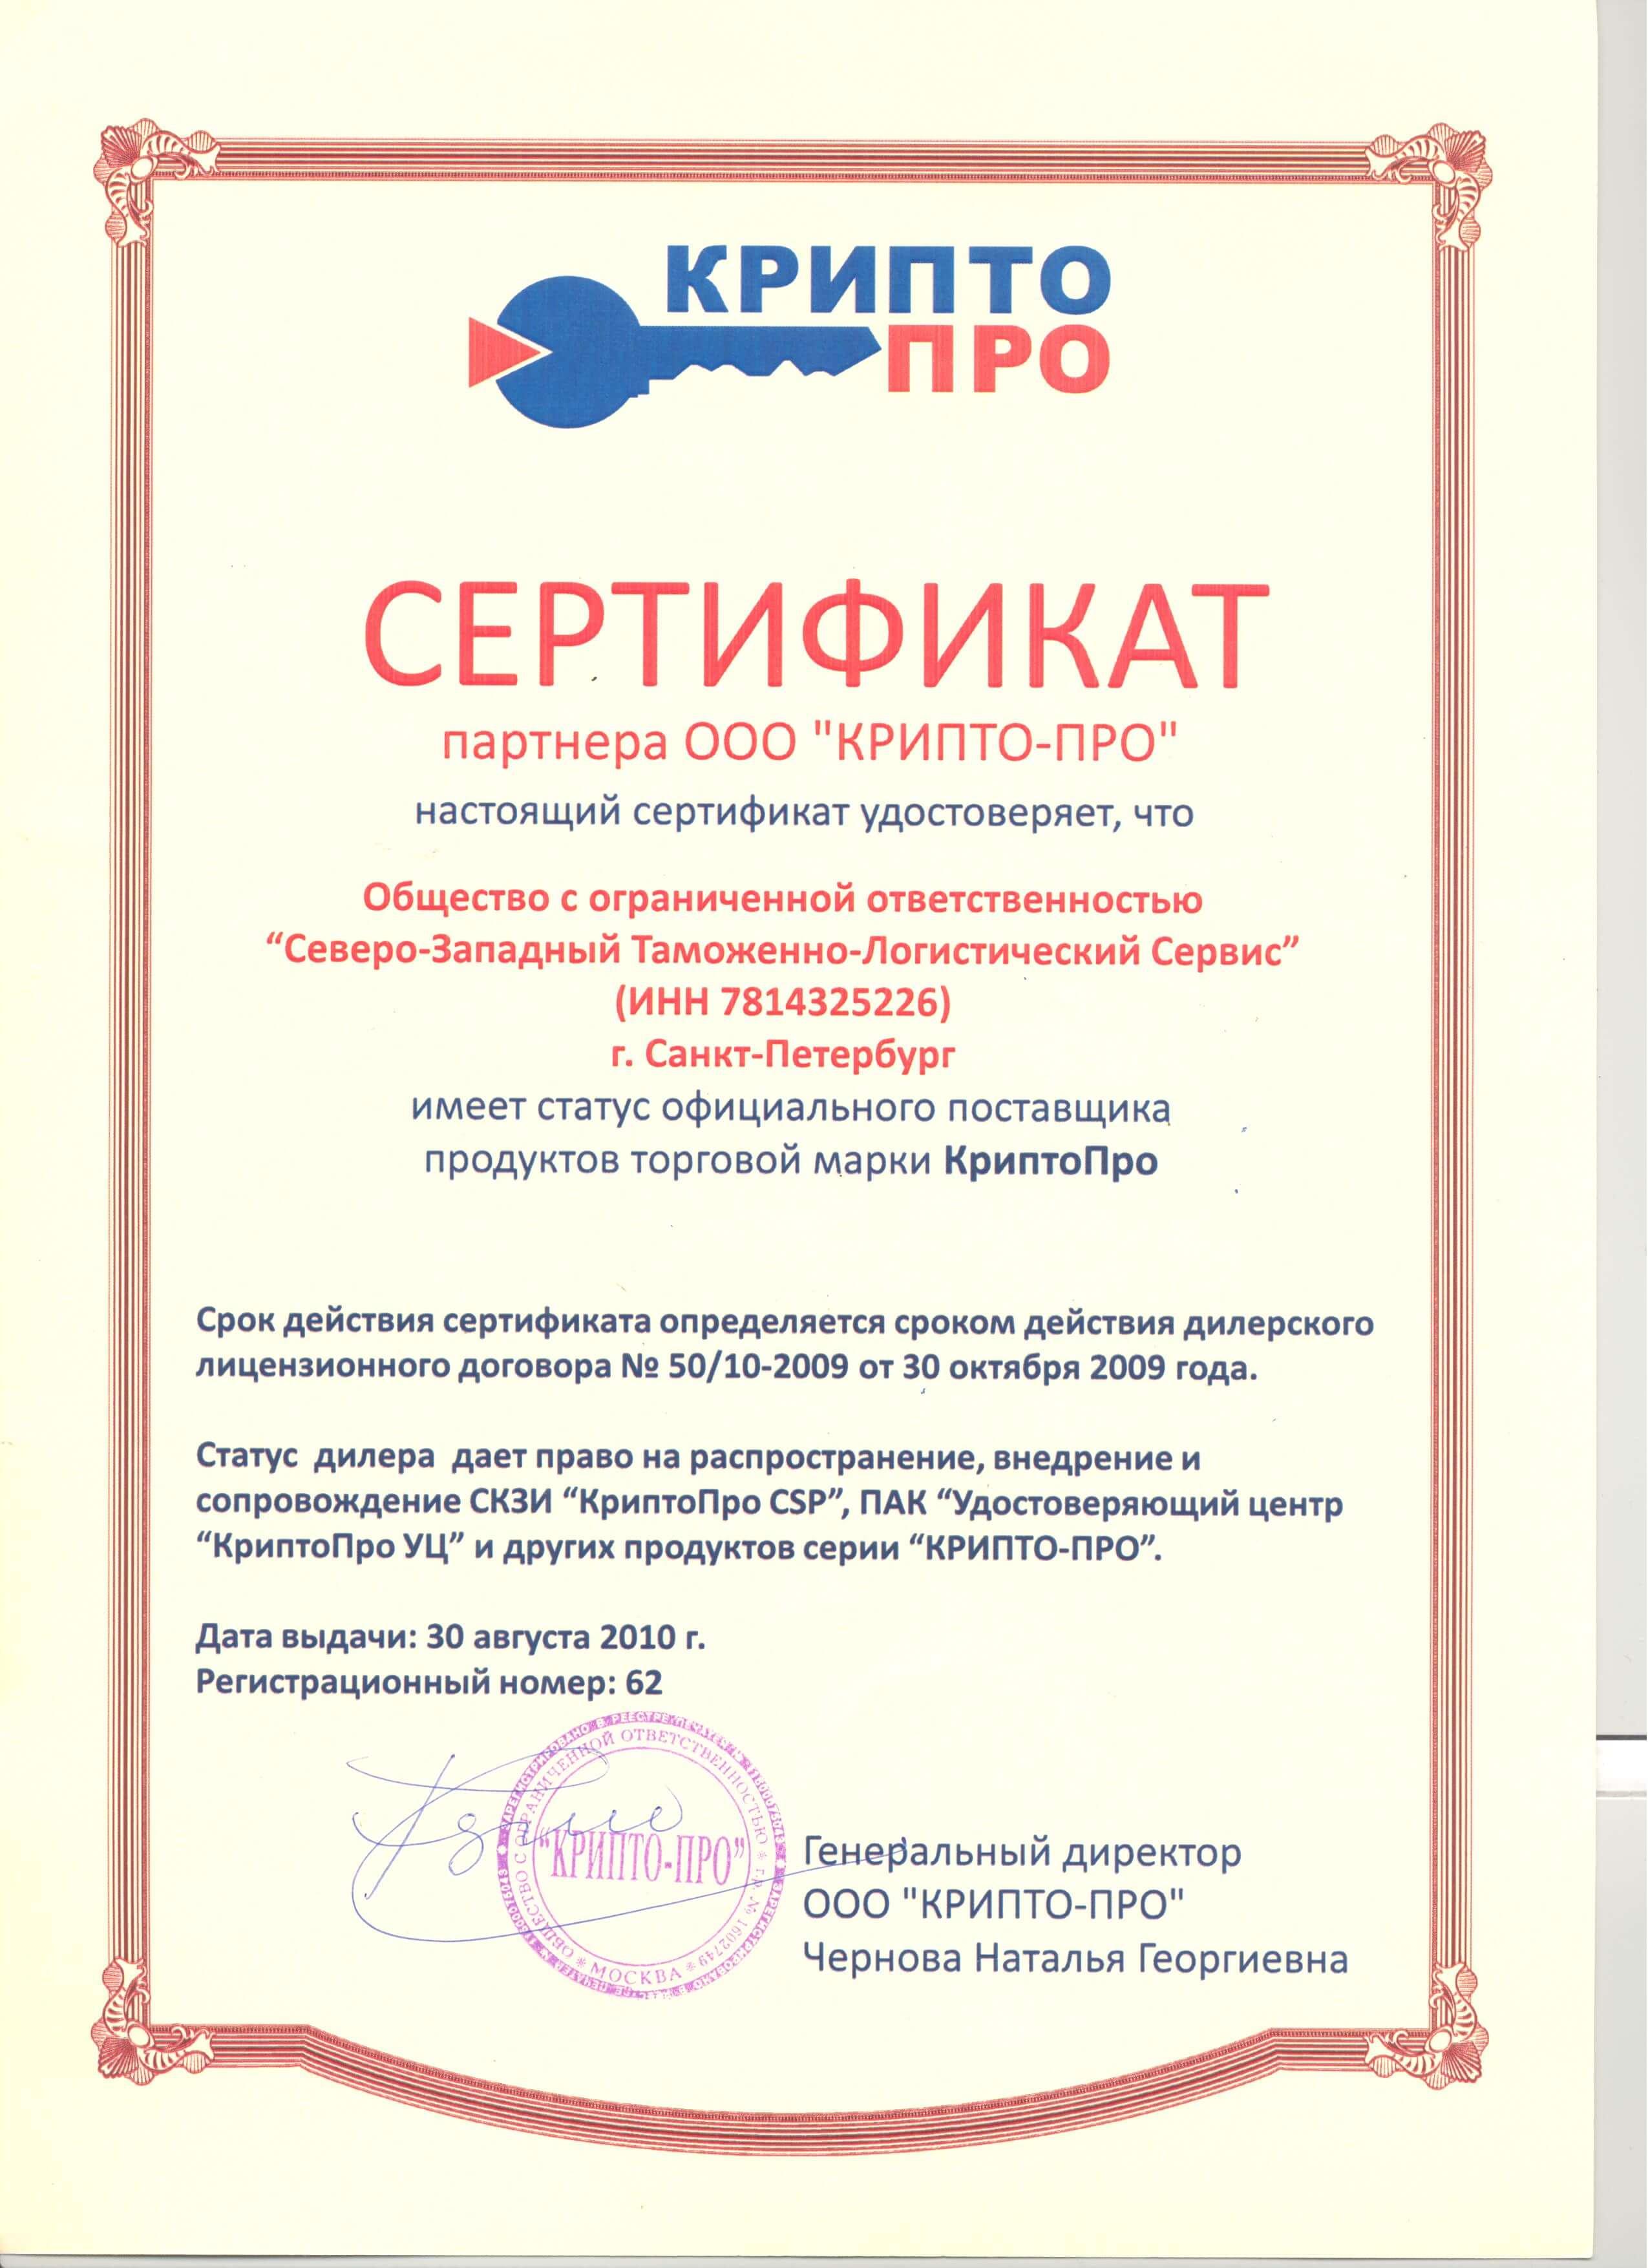 сертификат партнера КриптоПРО